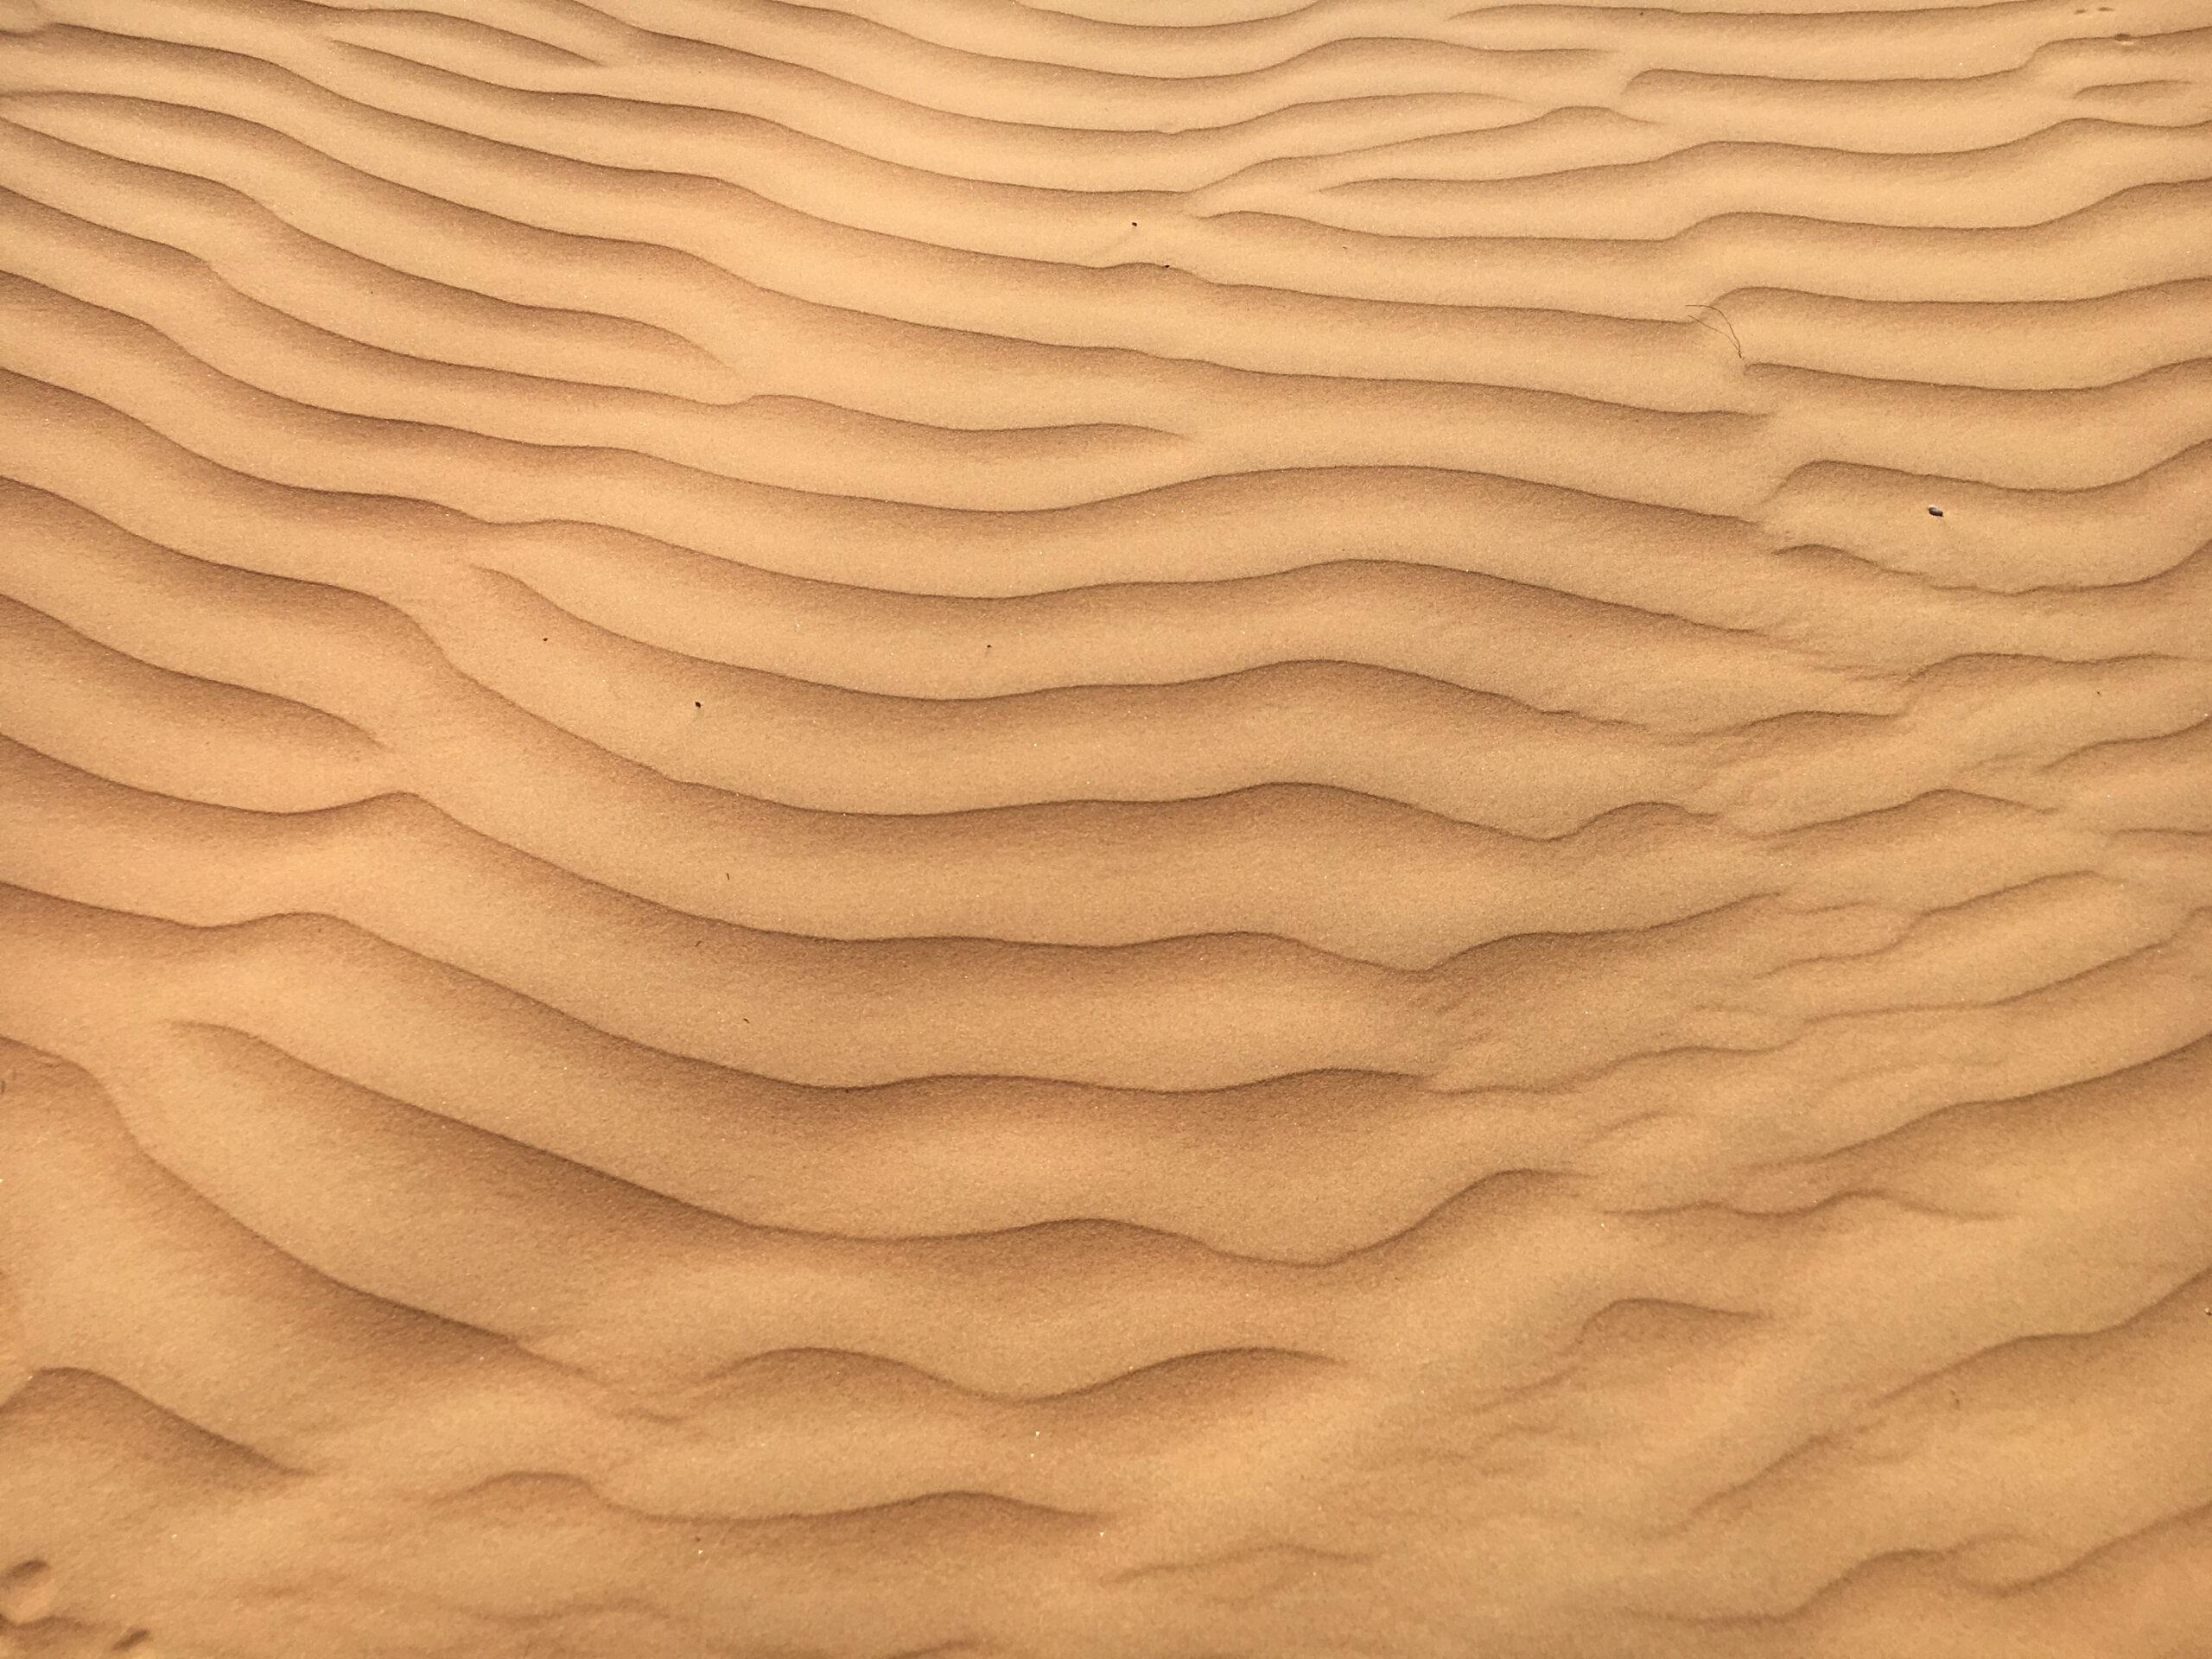 原因Ⅱ:肌の乾燥